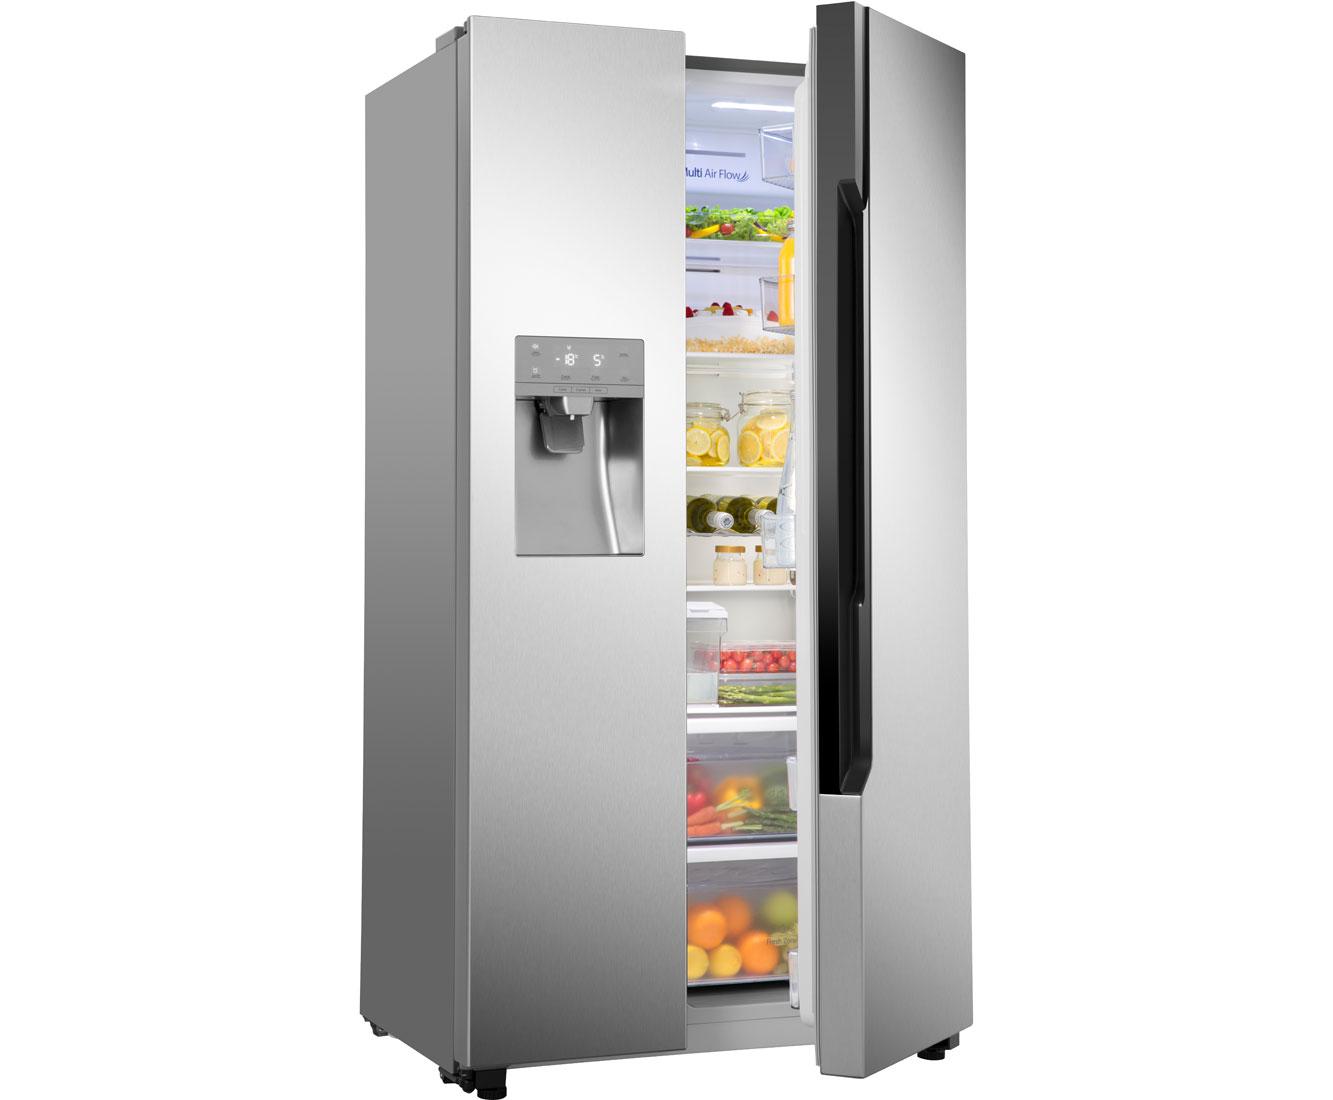 Amerikanischer Kühlschrank Bilder : Amerikanischer kühlschrank mit eiswürfelspender gorenje retro